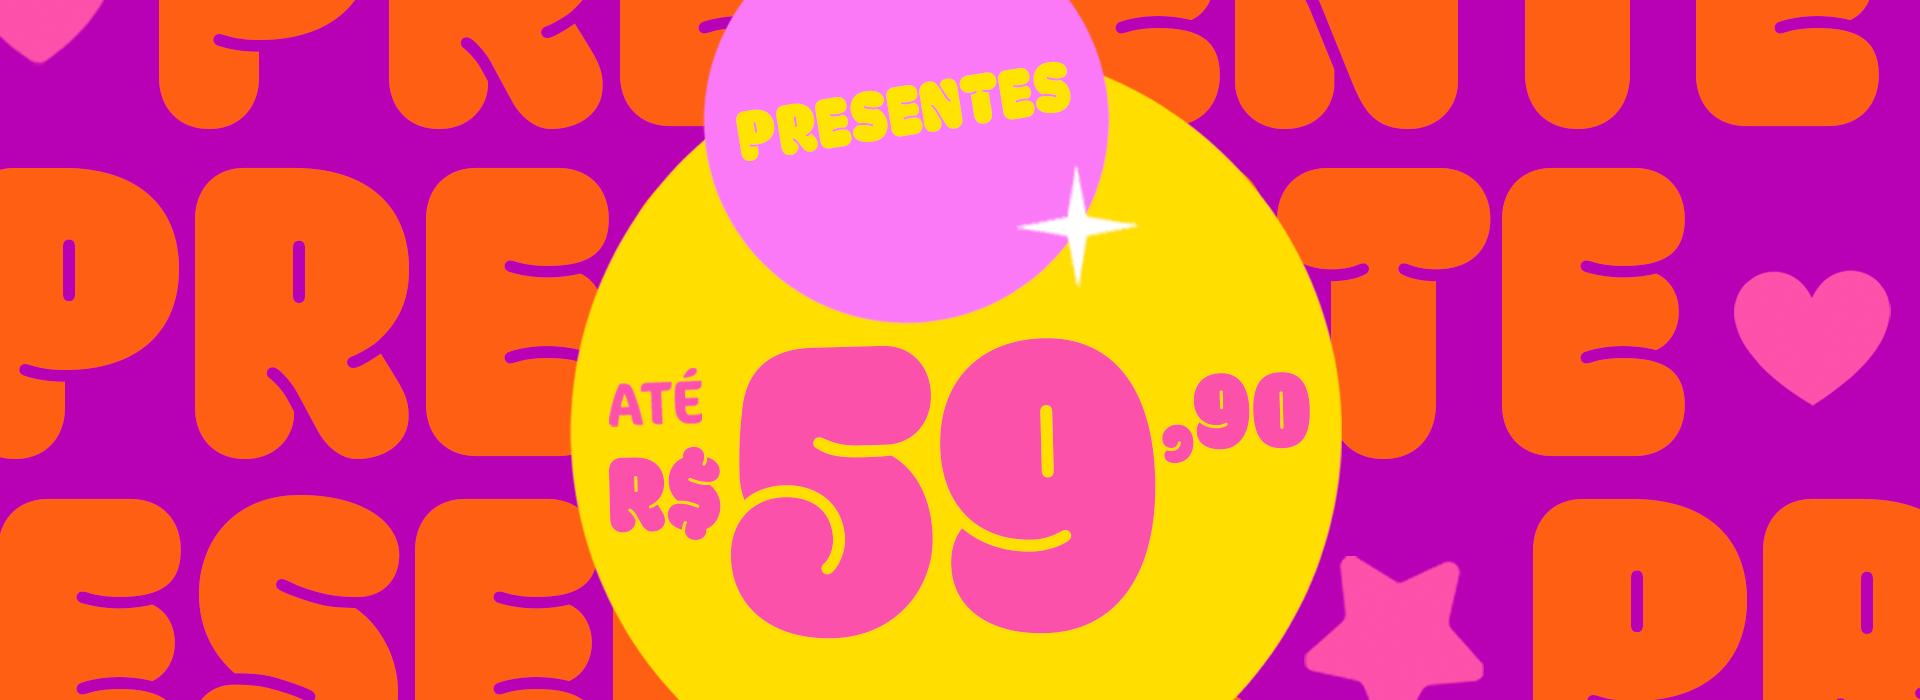 Banner C: Presentinhos até 59,90